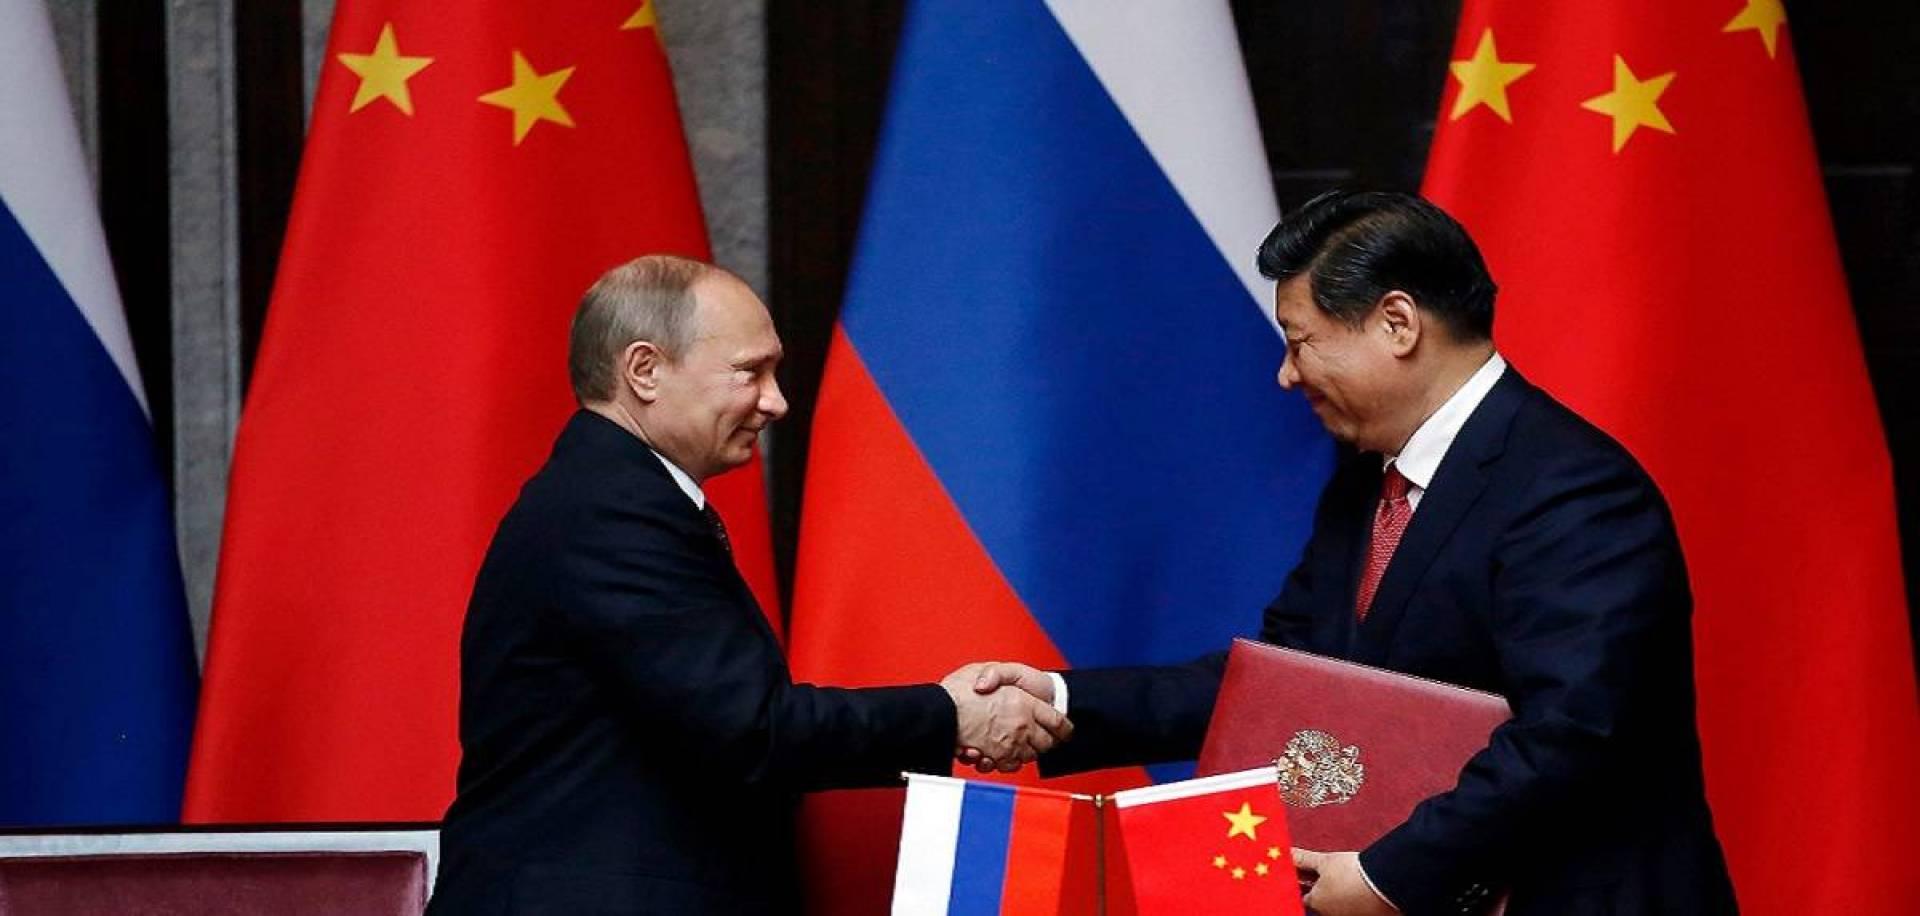 واشنطن: روسيا والصين تشكلان التهديد الرئيسي للهيمنة في البحار